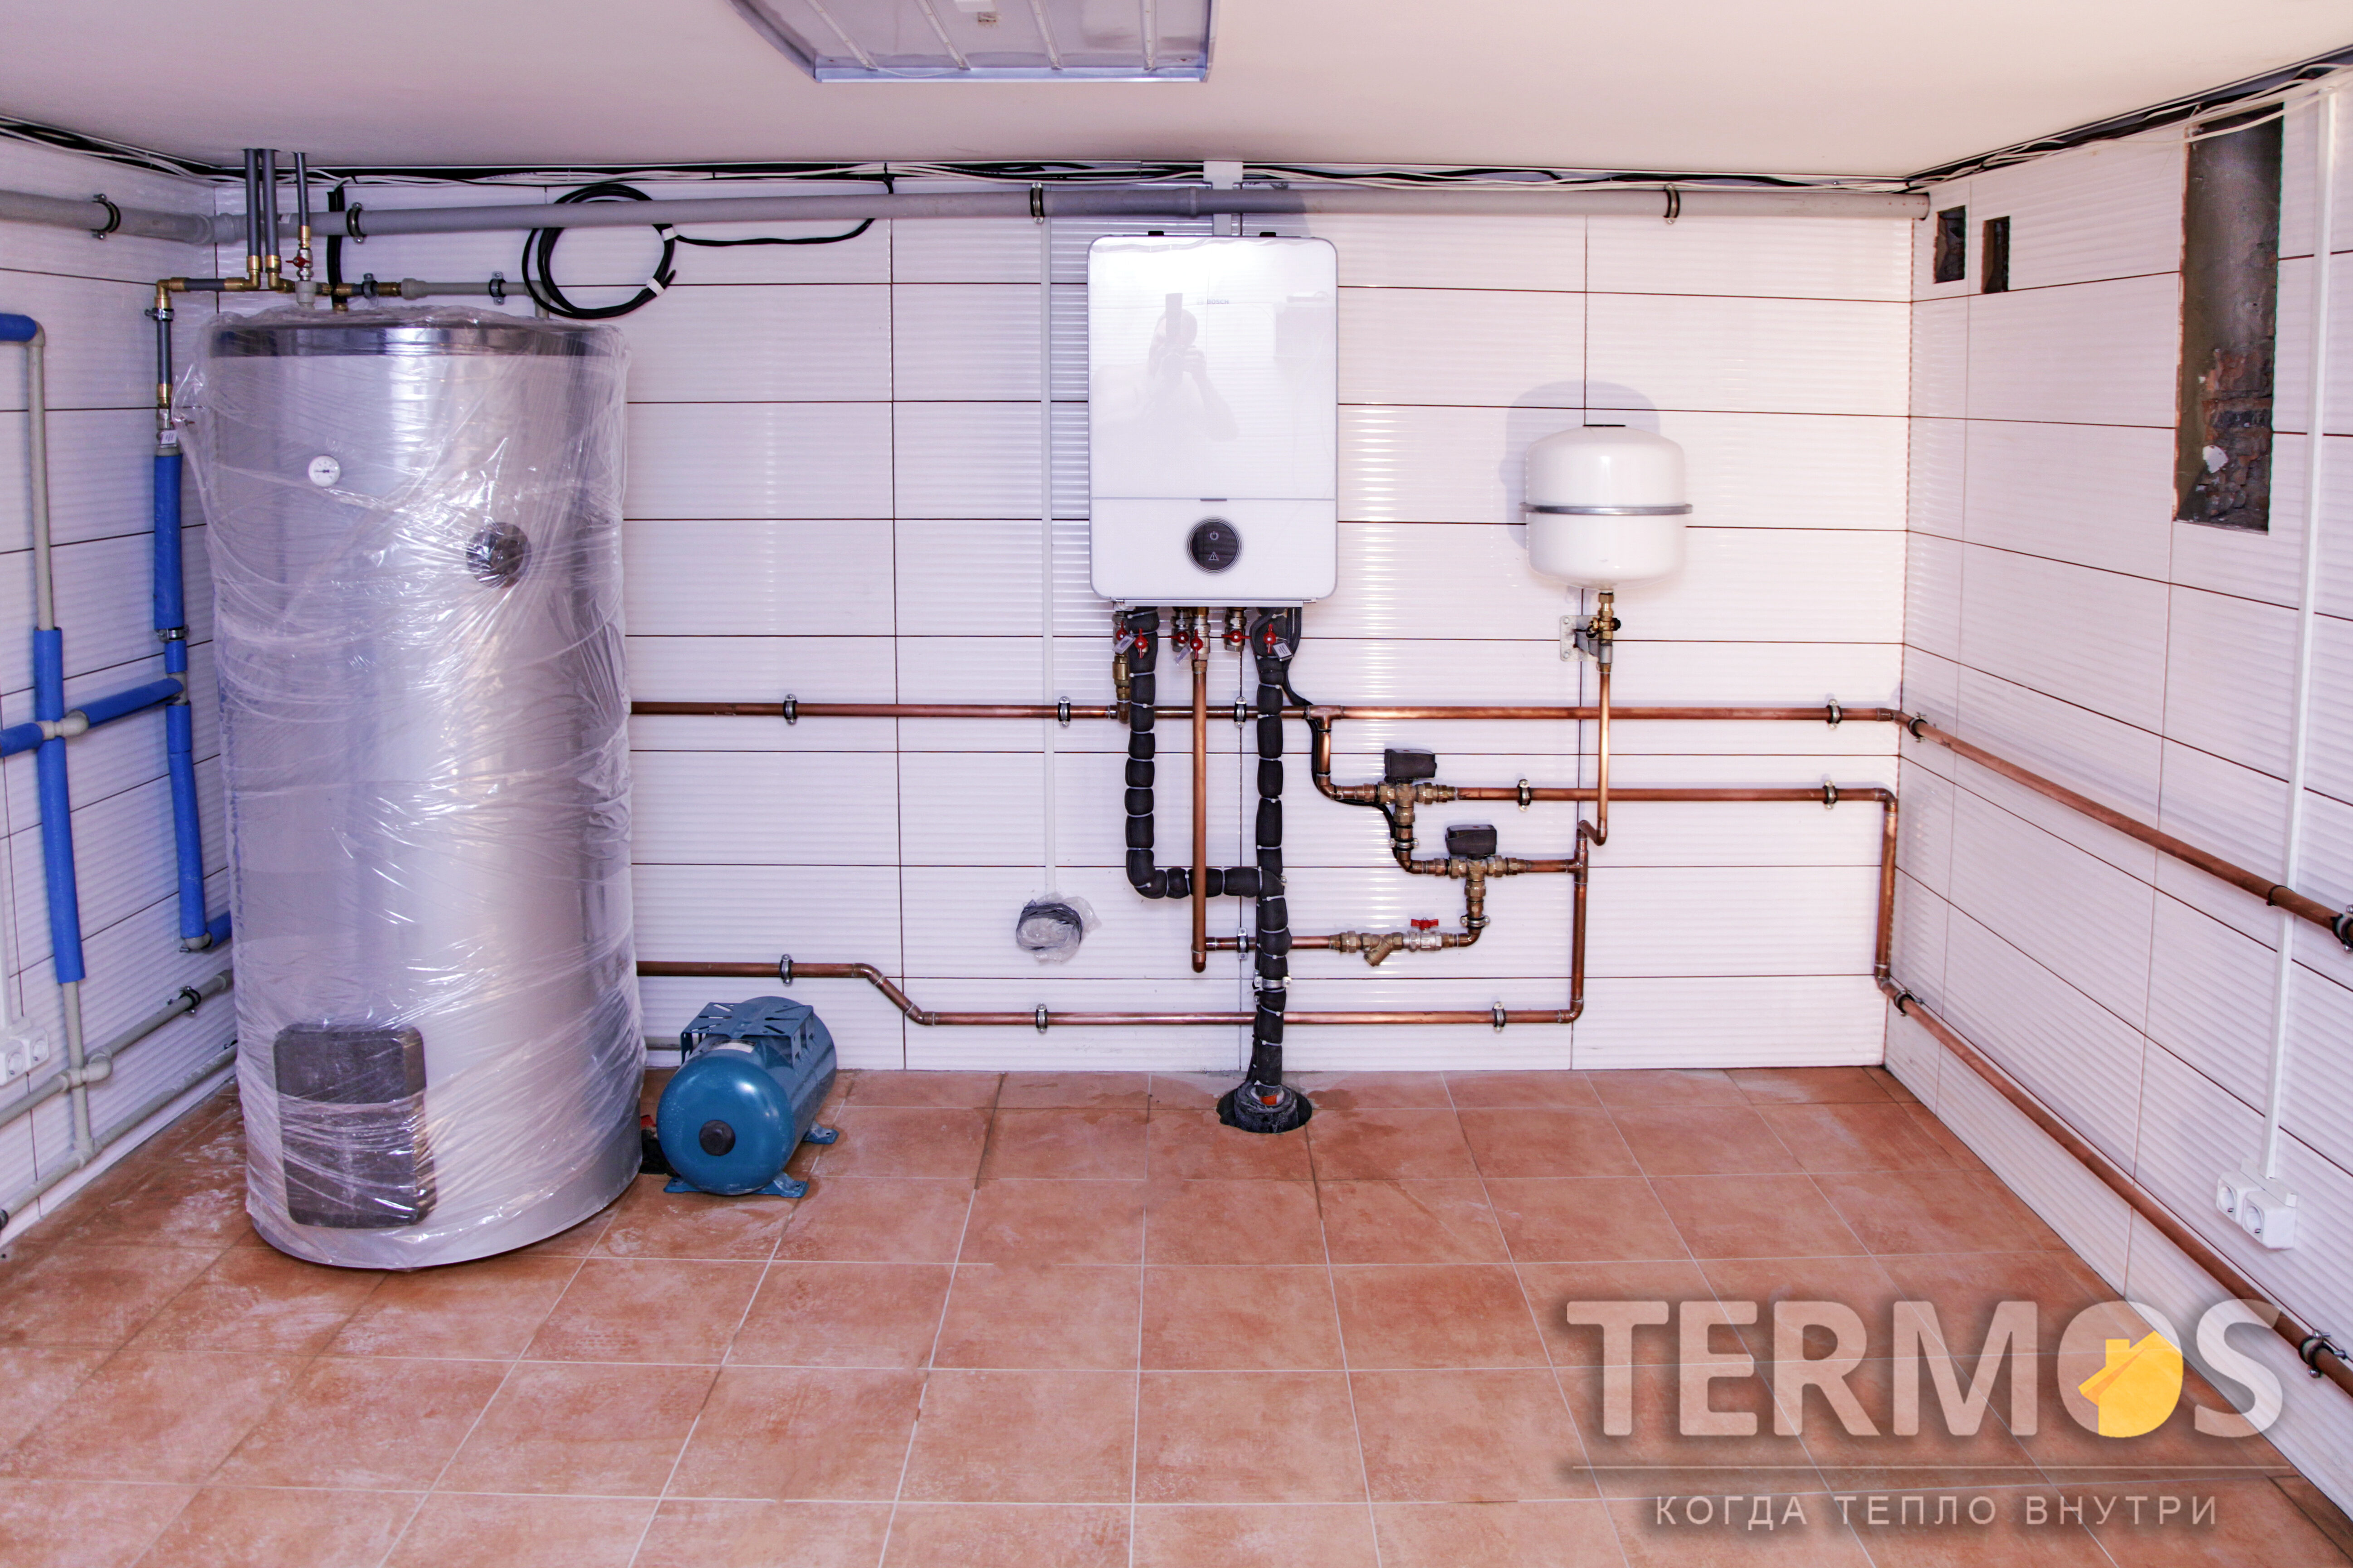 Внутренний блок воздушного теплового насоса с автоматикой управления. Высокоэффективный бойлер нагрева горячей воды 280 л